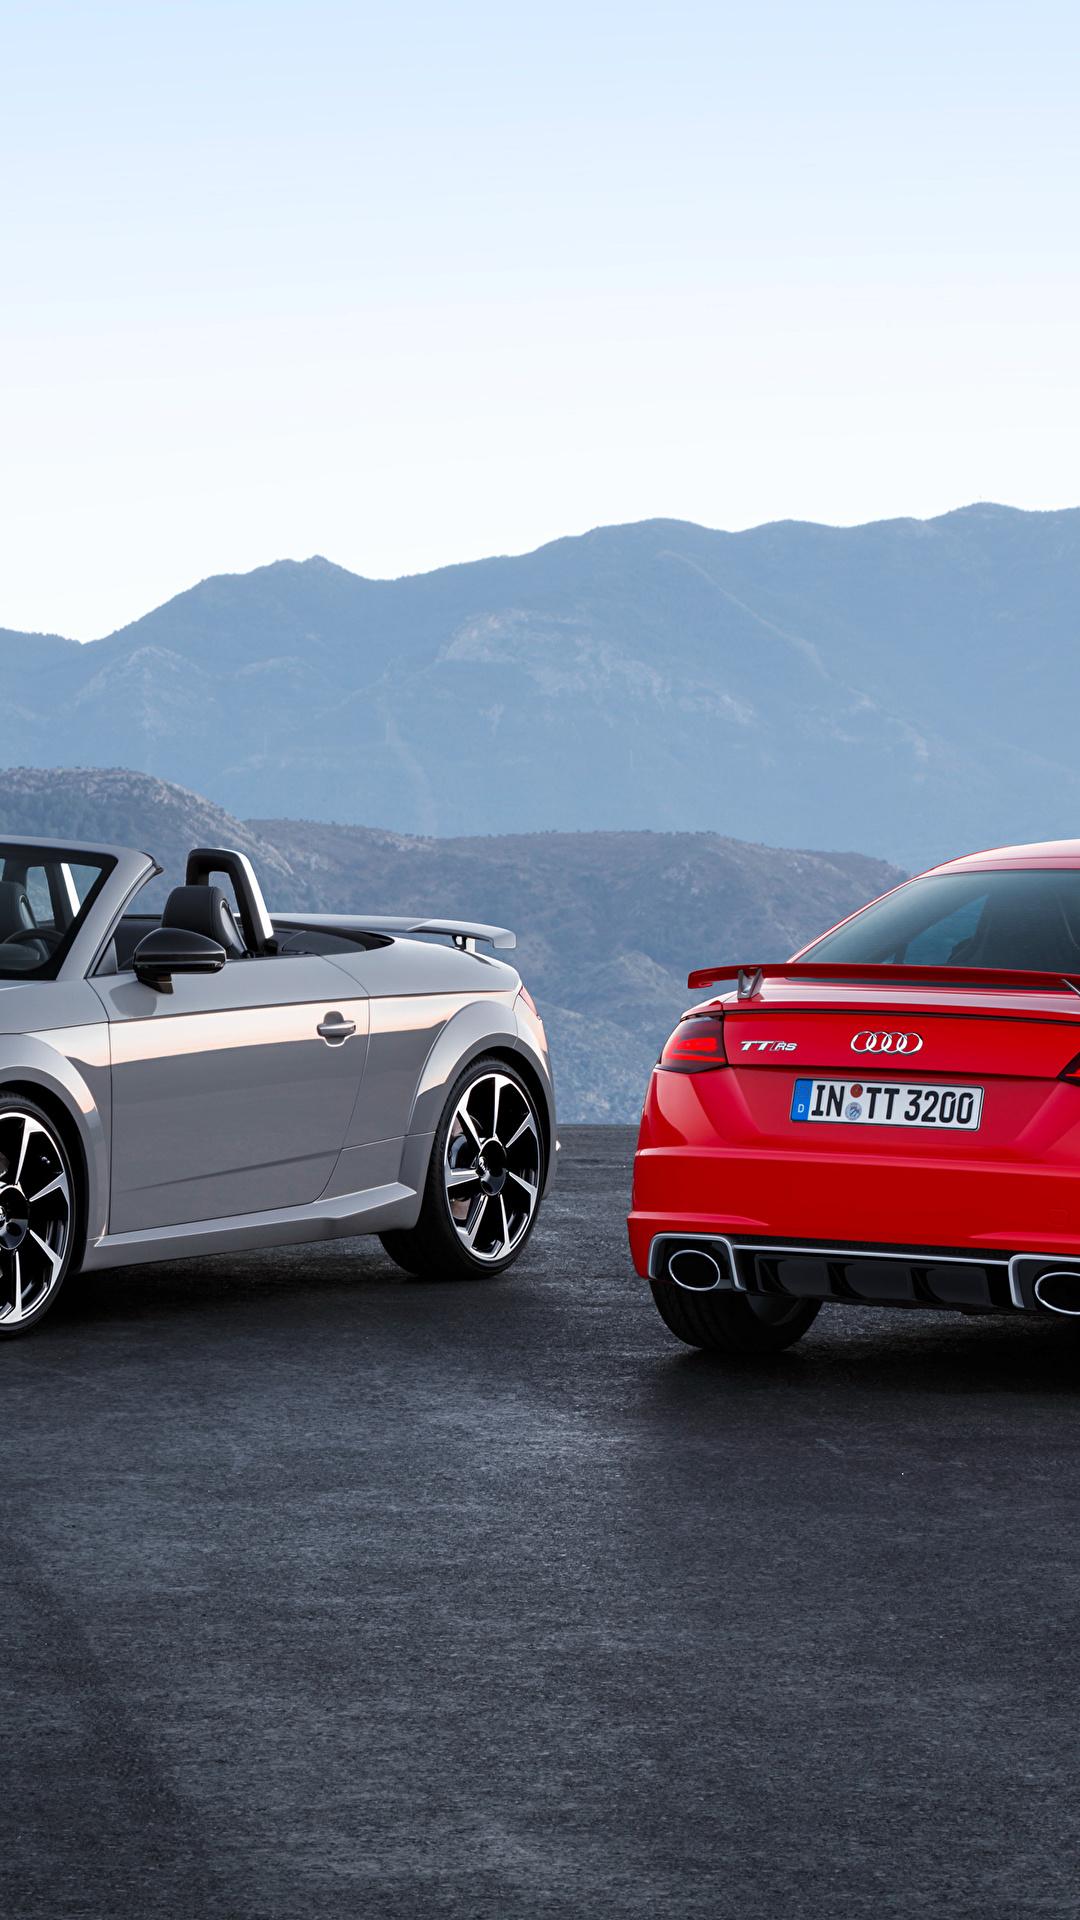 Картинки Audi 2016 TT RS Roadster Родстер вдвоем авто Металлик 1080x1920 для мобильного телефона Ауди 2 два две Двое машина машины автомобиль Автомобили